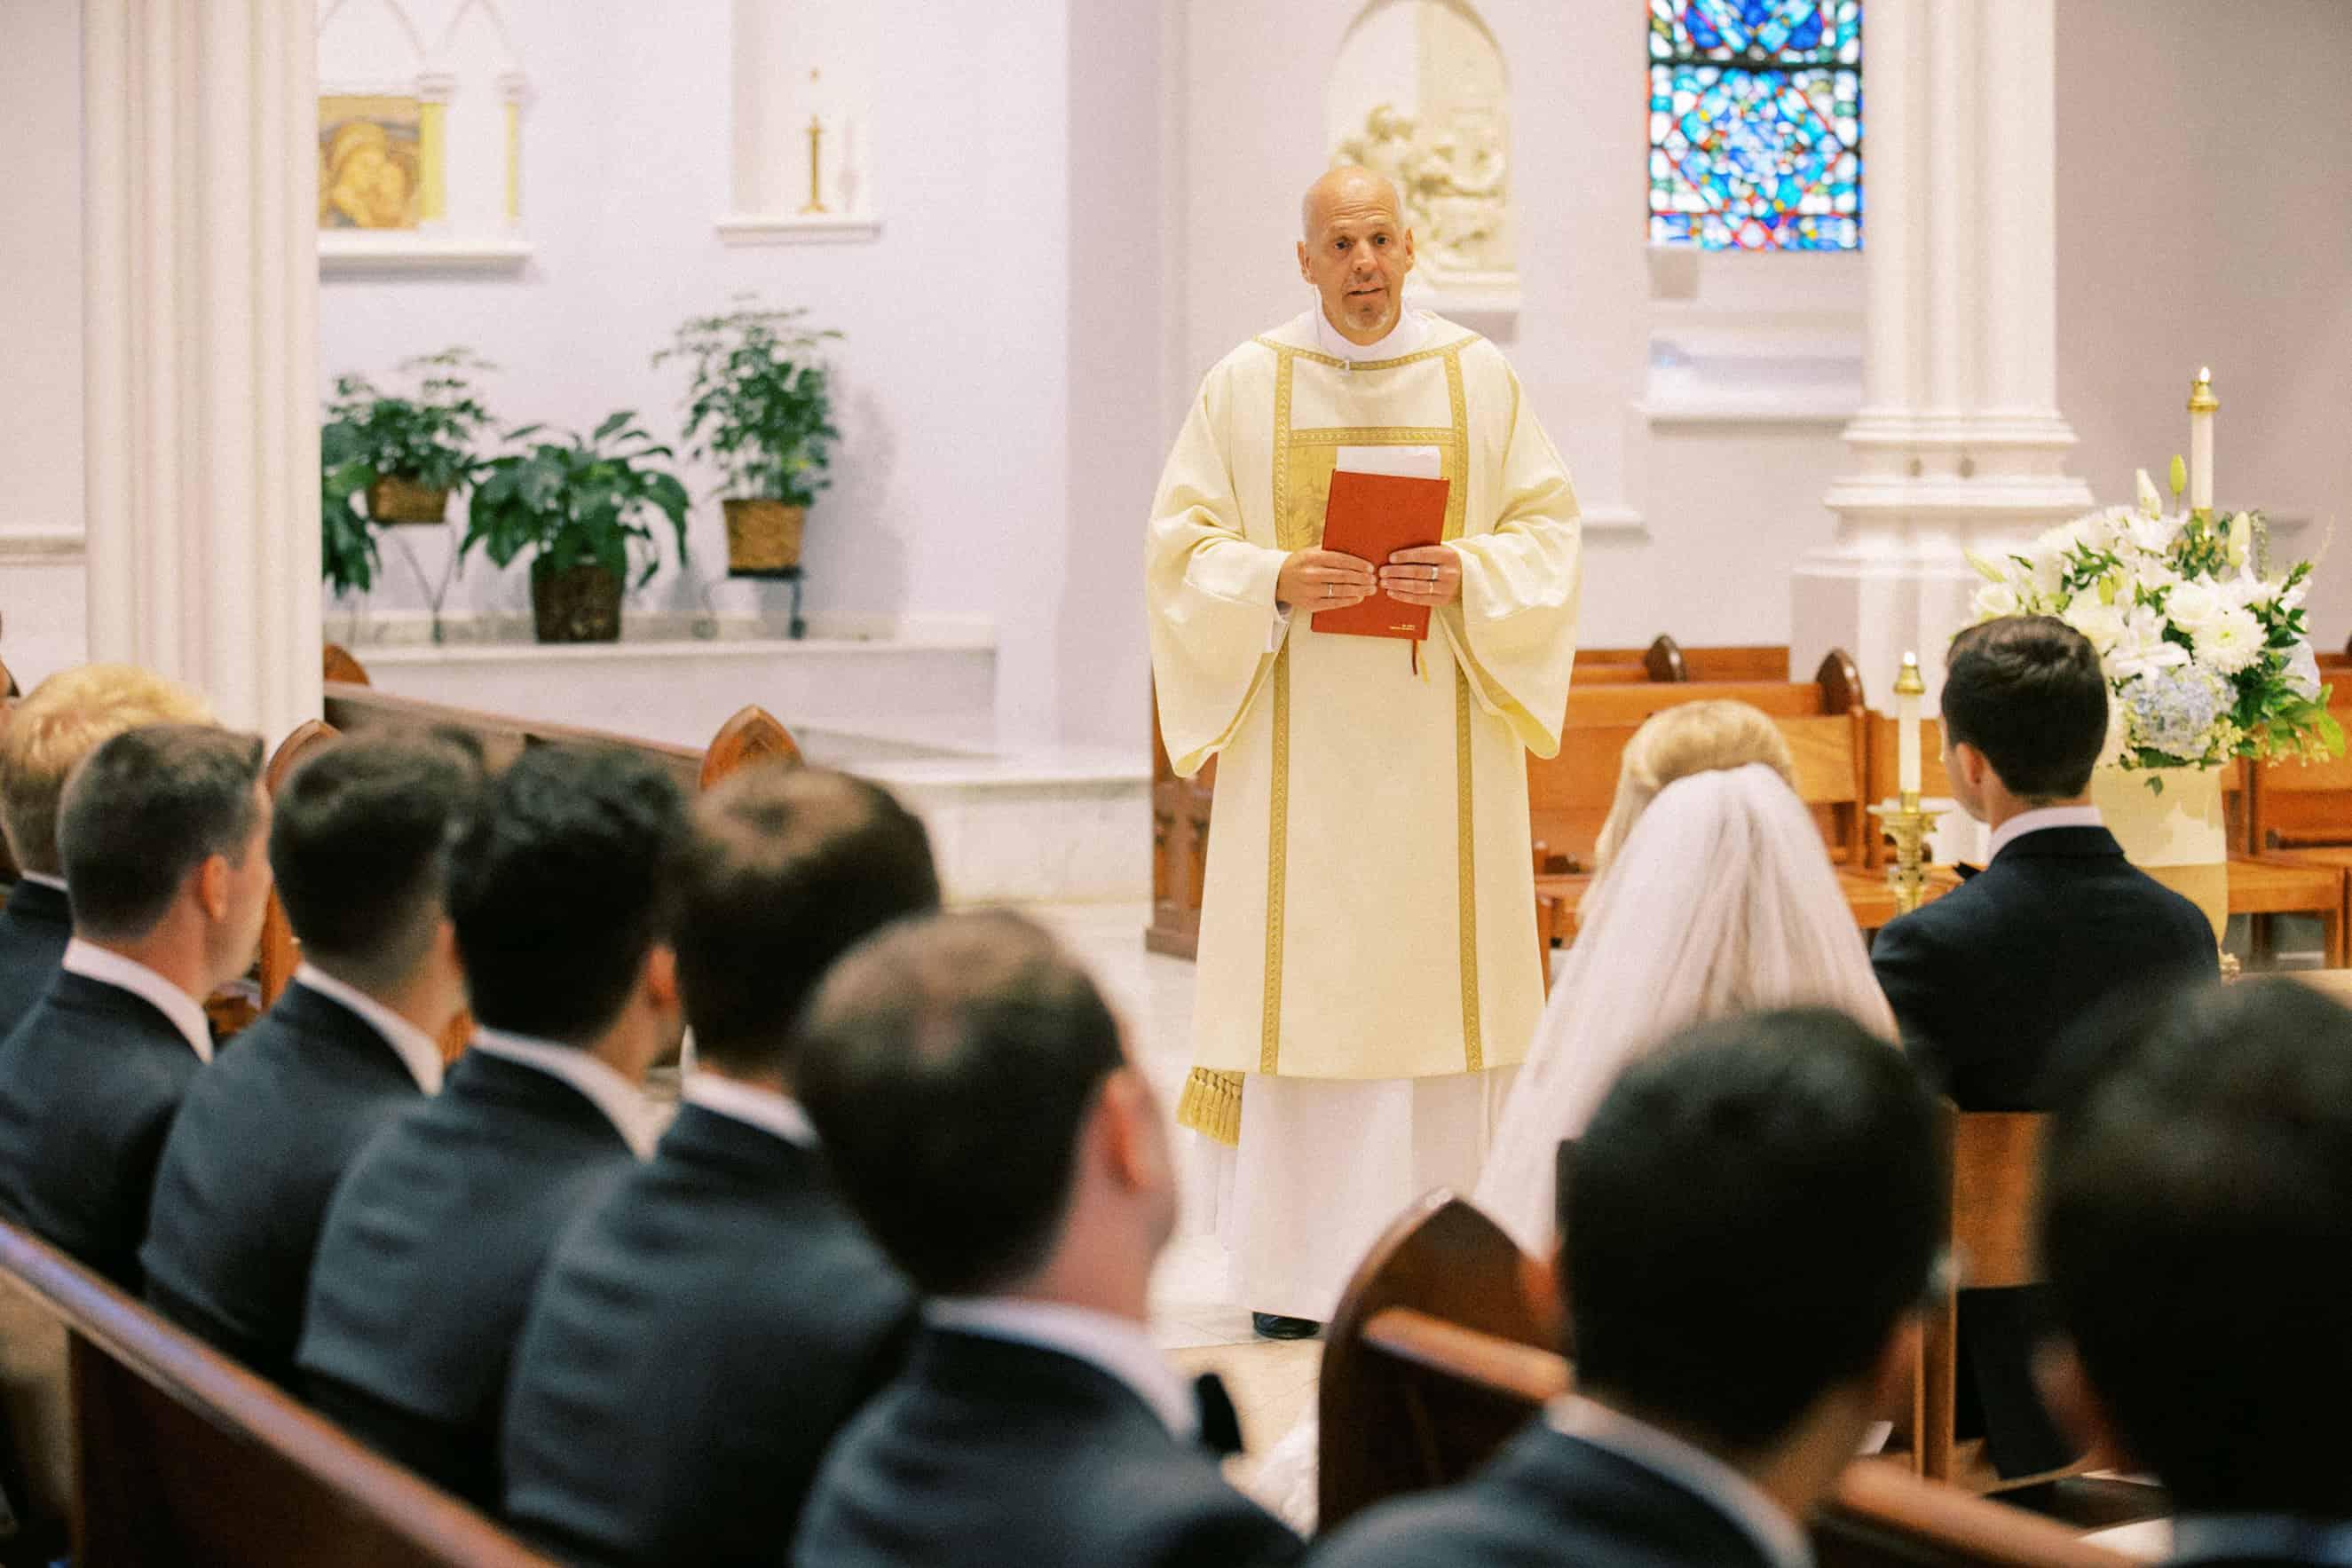 Wedding Services Villanova